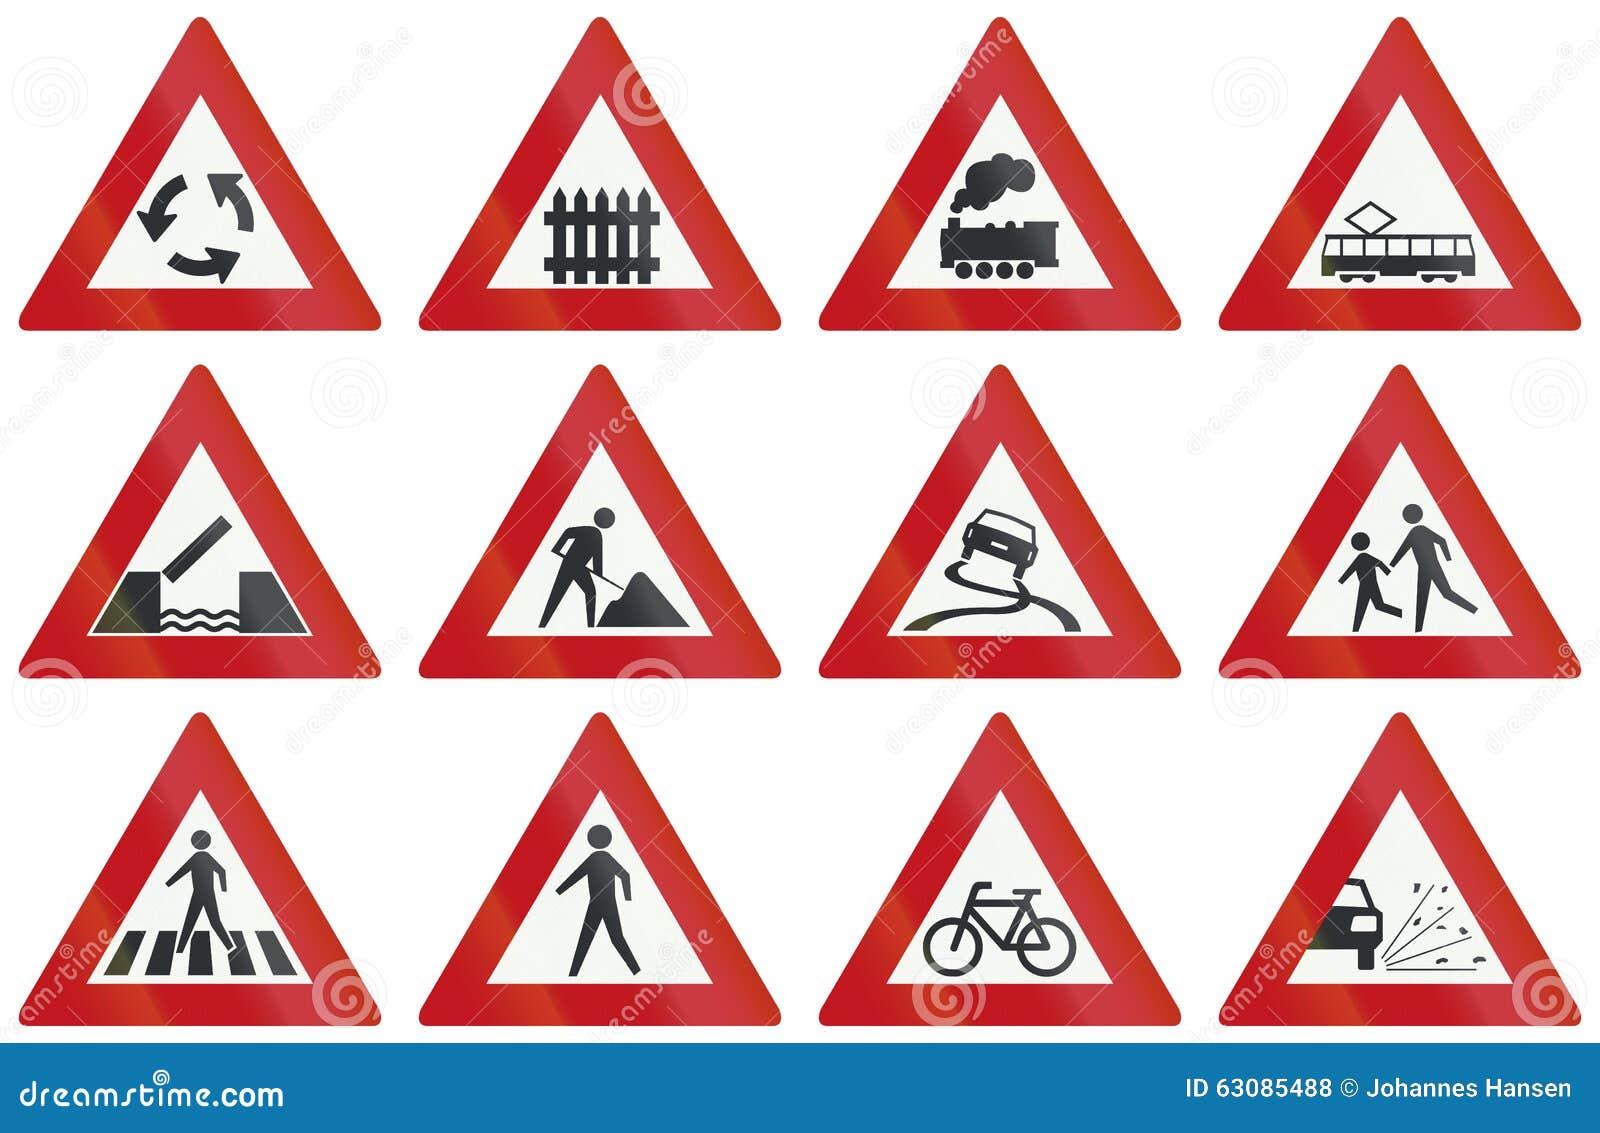 Download Collection De Panneaux Routiers D'avertissement Néerlandais Illustration Stock - Illustration du construction, barrière: 63085488